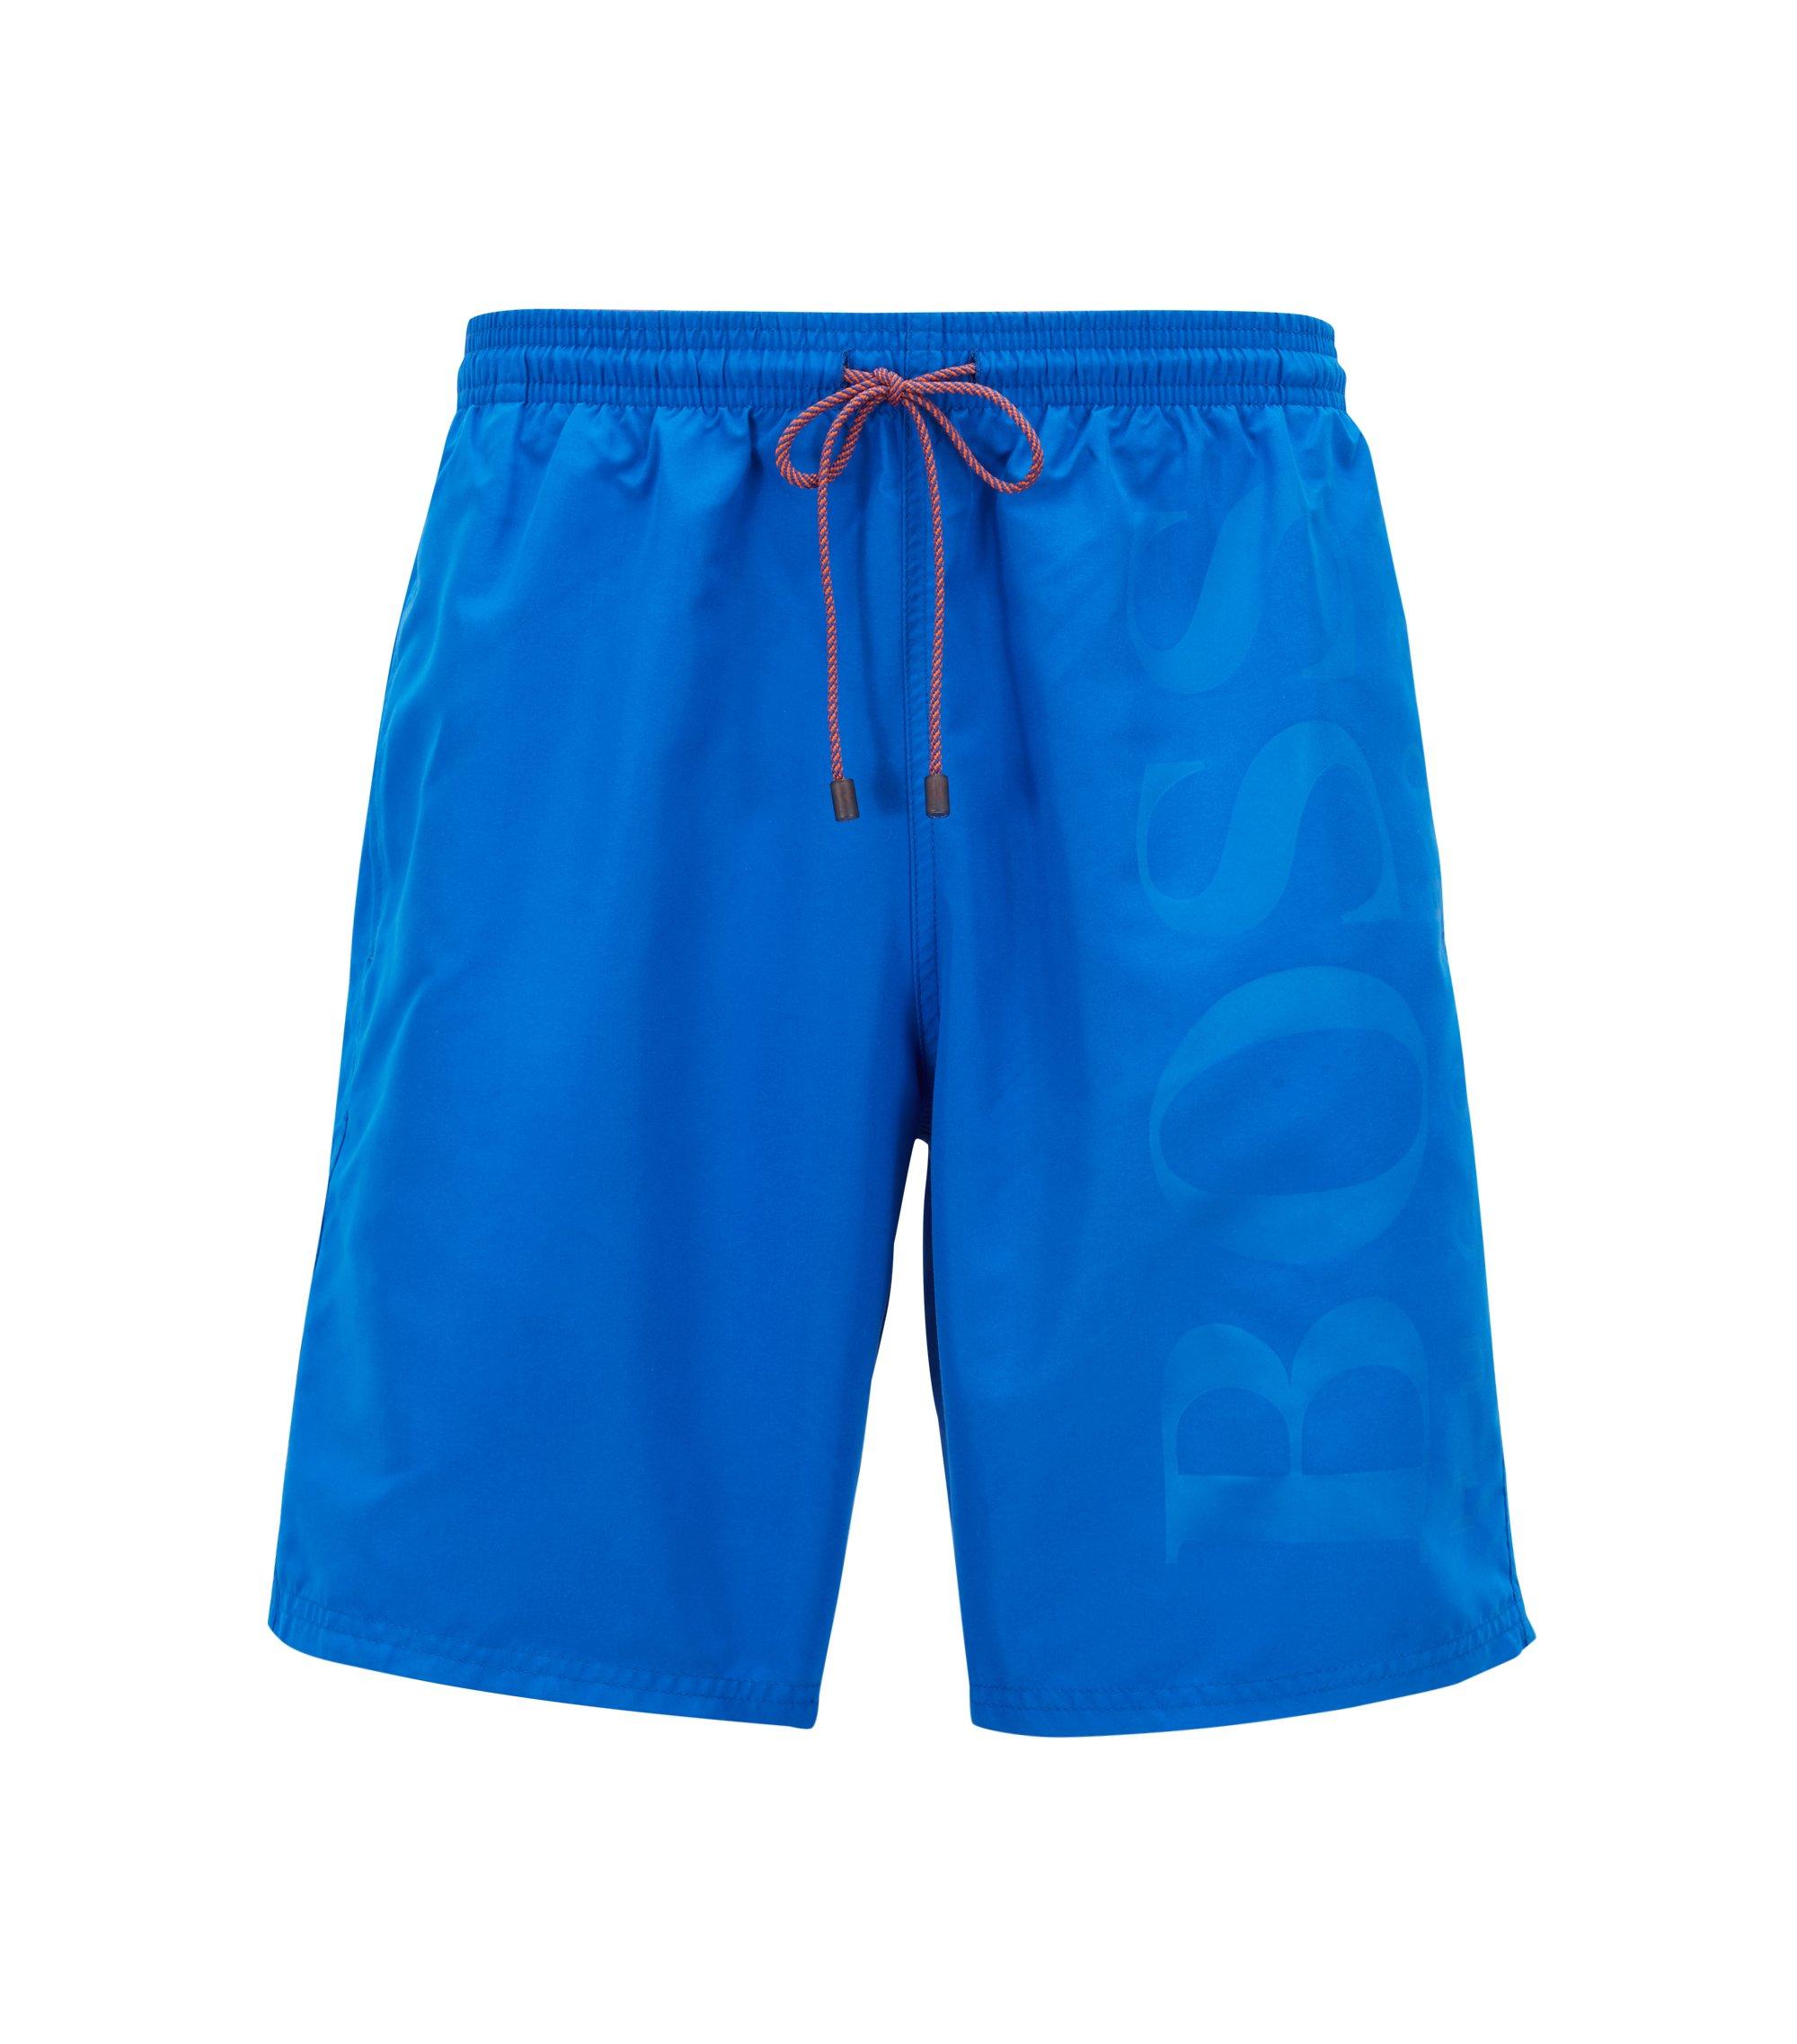 Zwemshort van geborsteld technisch materiaal, Blauw